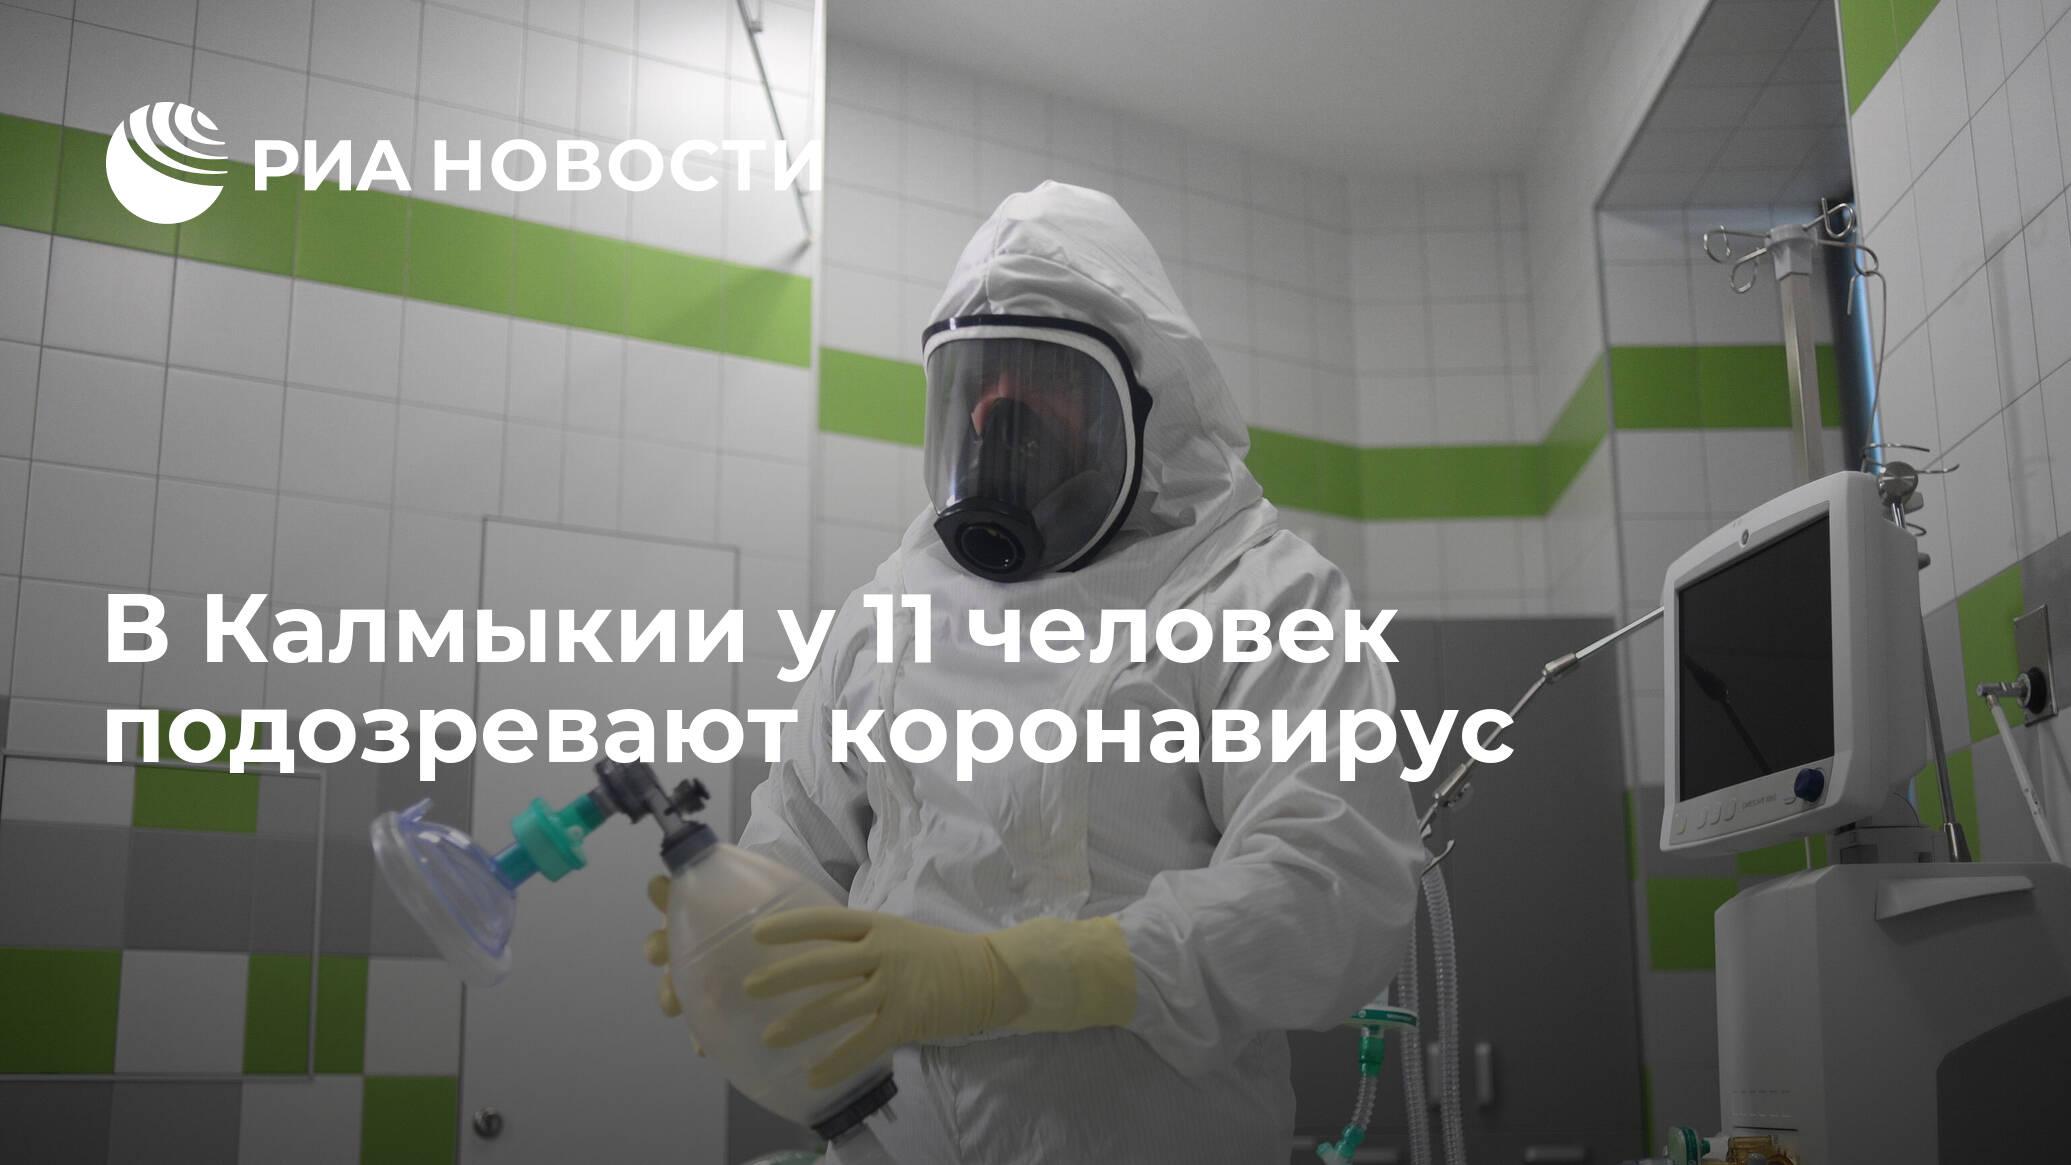 В Калмыкии у 11 человек подозревают коронавирус